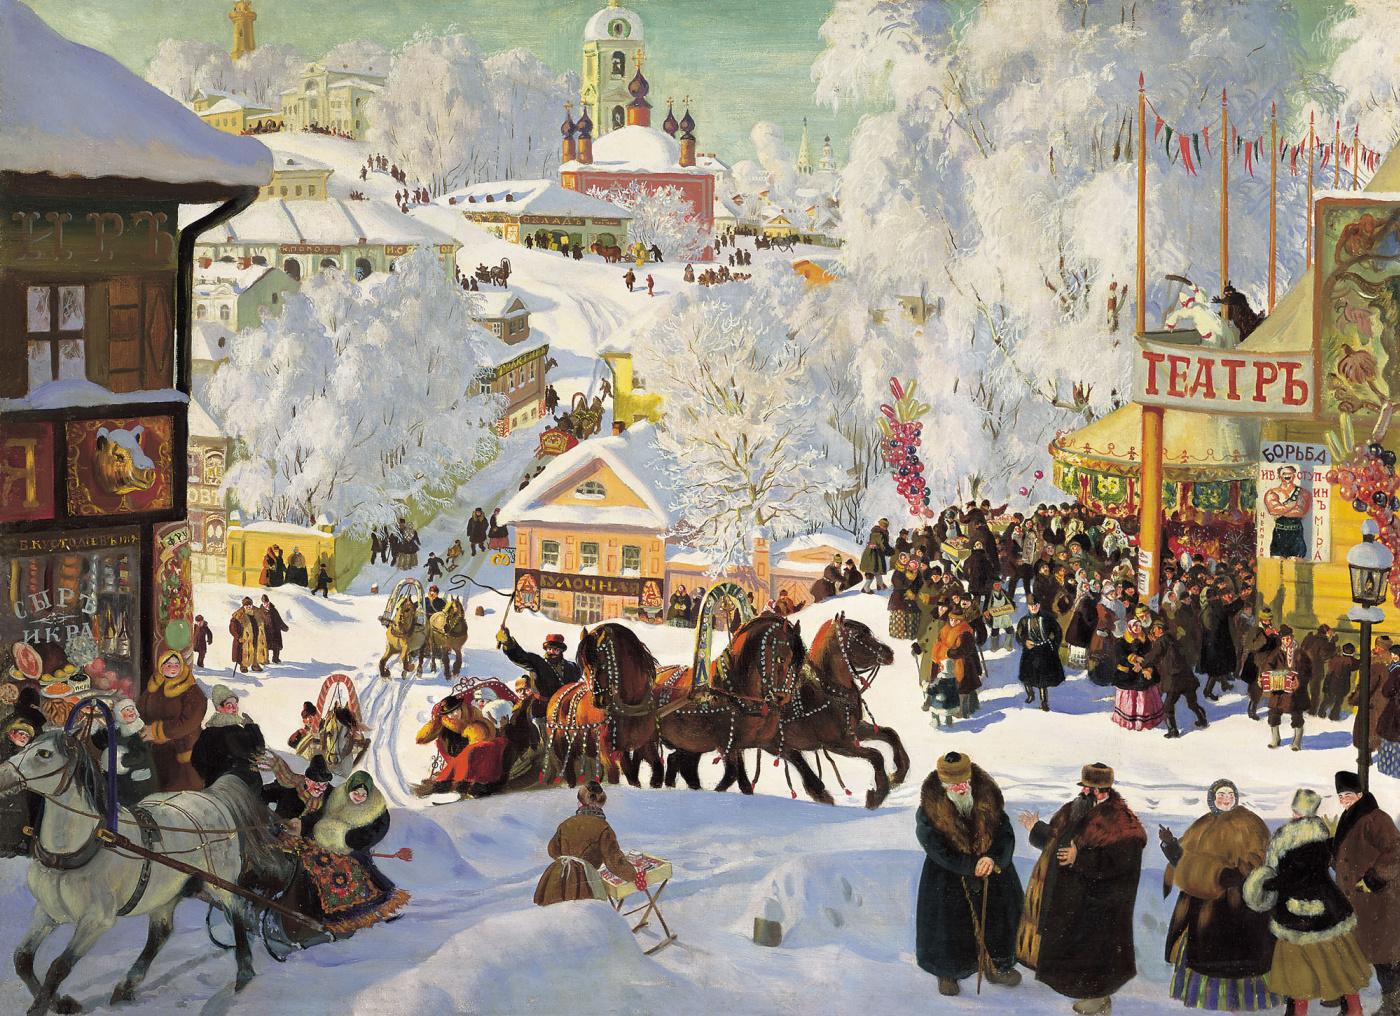 Масленица (Масленичное катание), 1919 год. Музей-квартира И. И. Бродского, Санкт-Петербург.